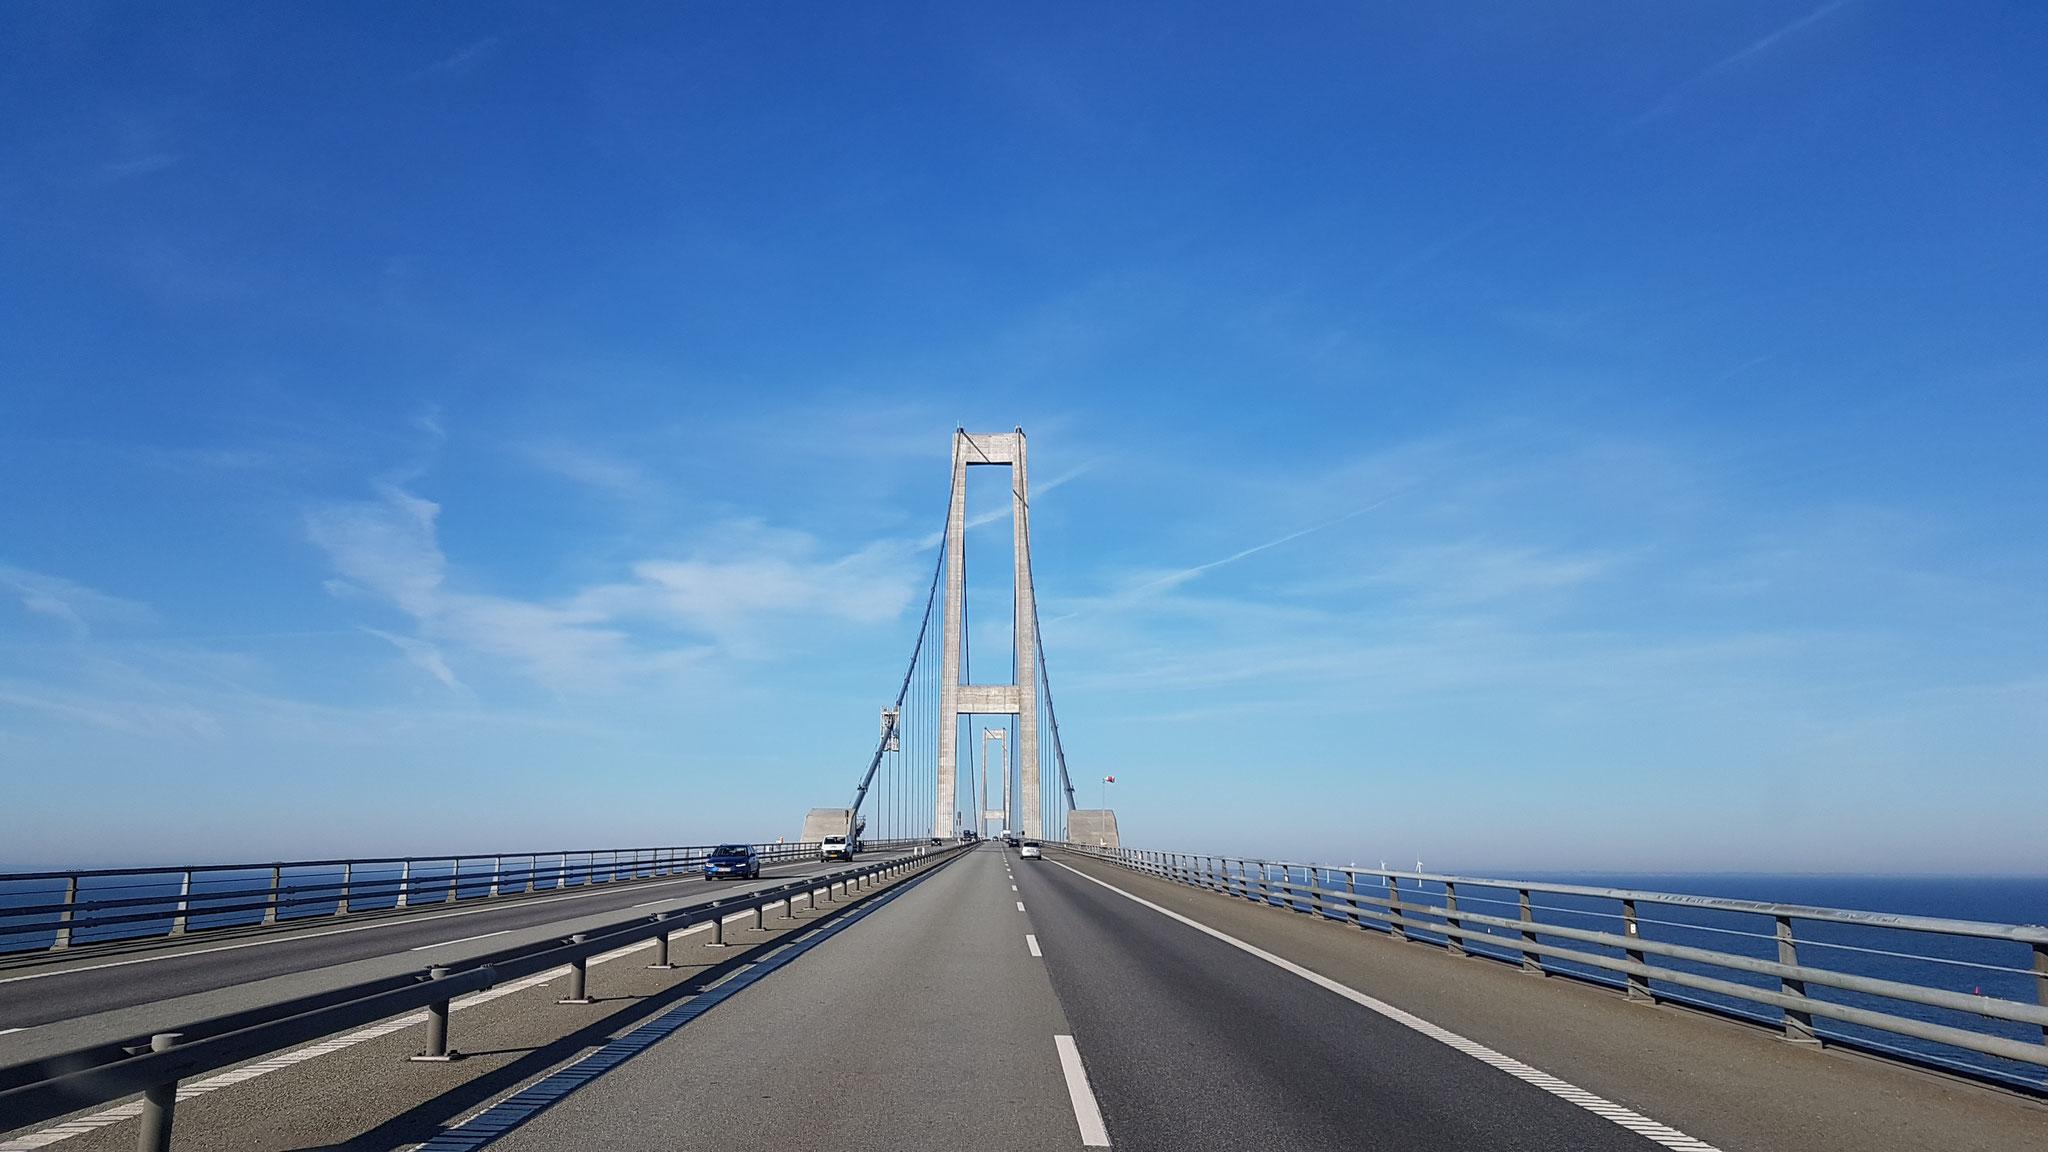 Über die Brücke bei strahlendem Sonnenschein